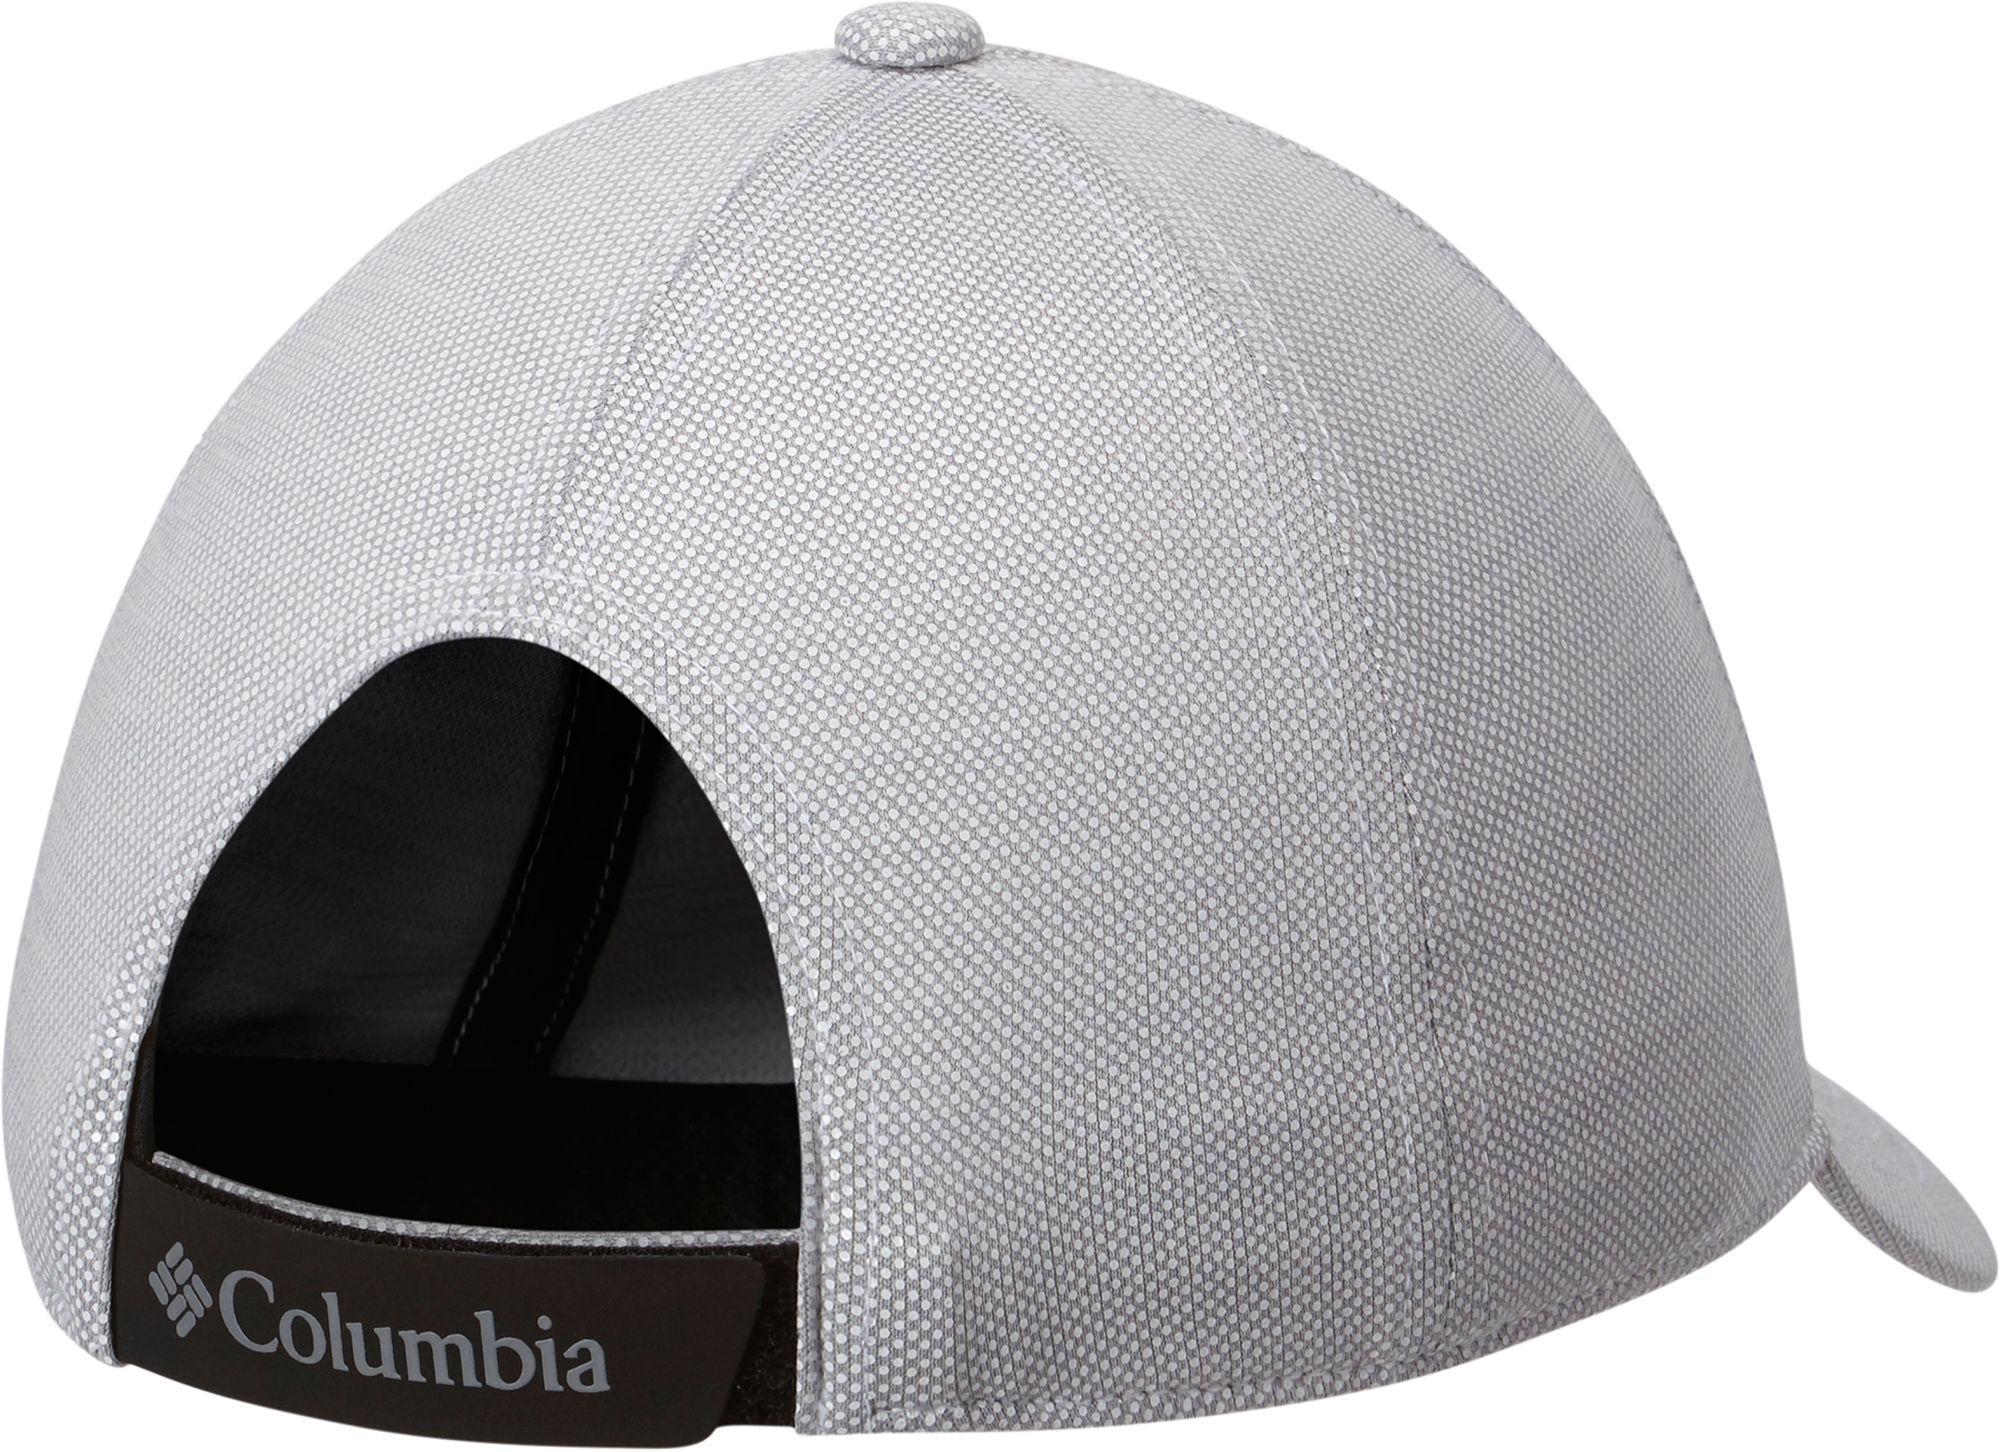 Lyst - Columbia Solar Chill Hat in Gray for Men 72fcf5e5e746